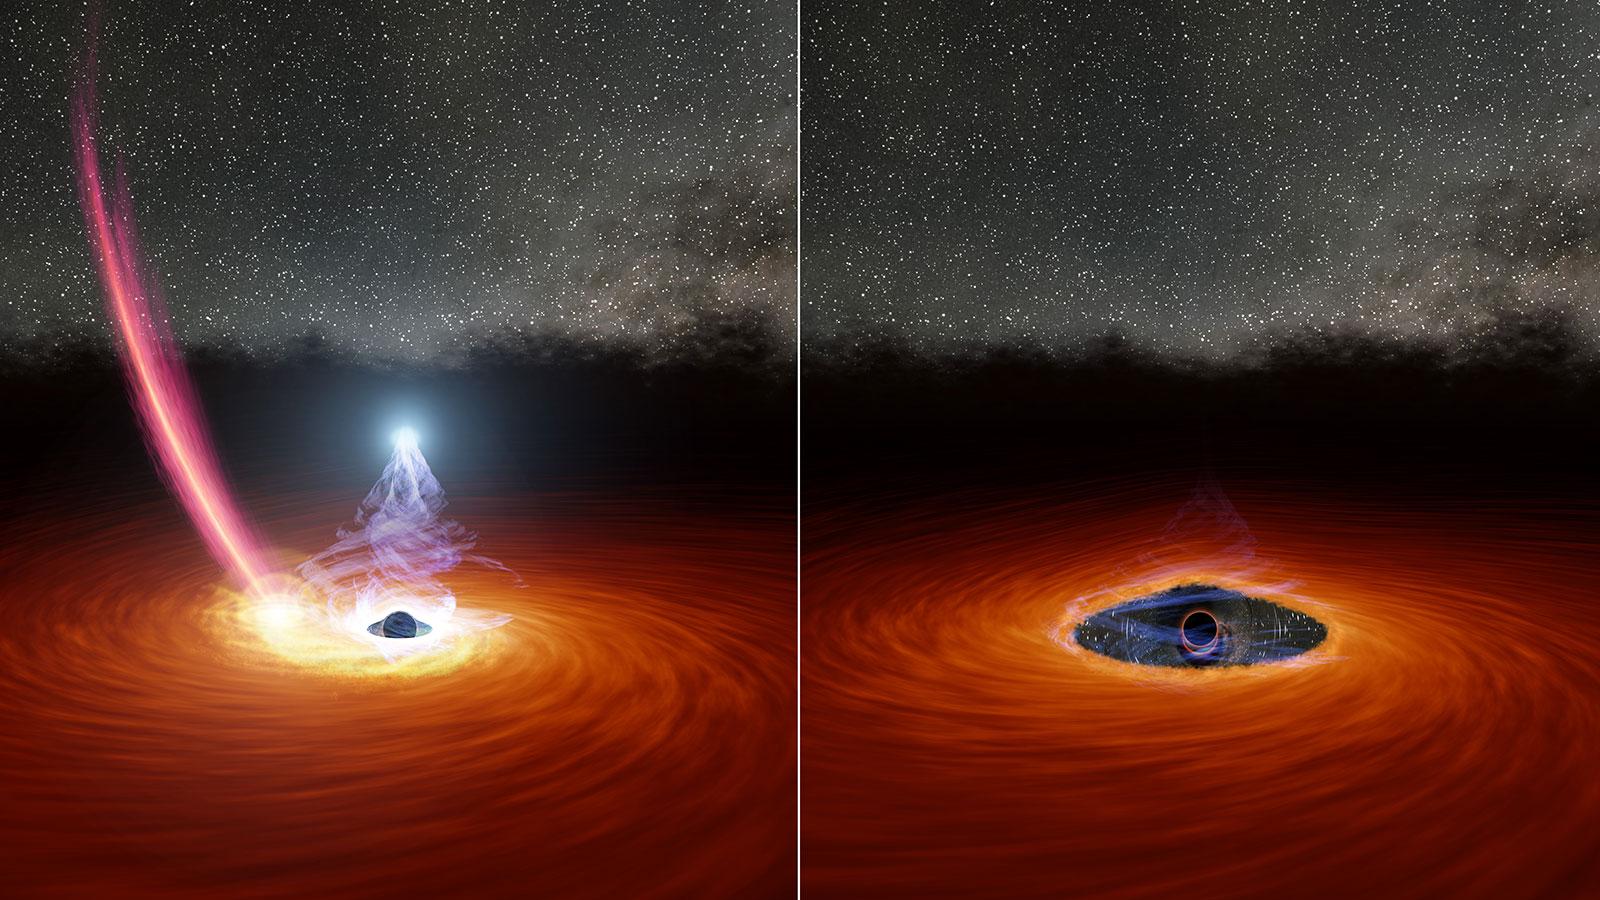 Астрономы наблюдают, как корона черной дыры исчезает, а затем снова появляется